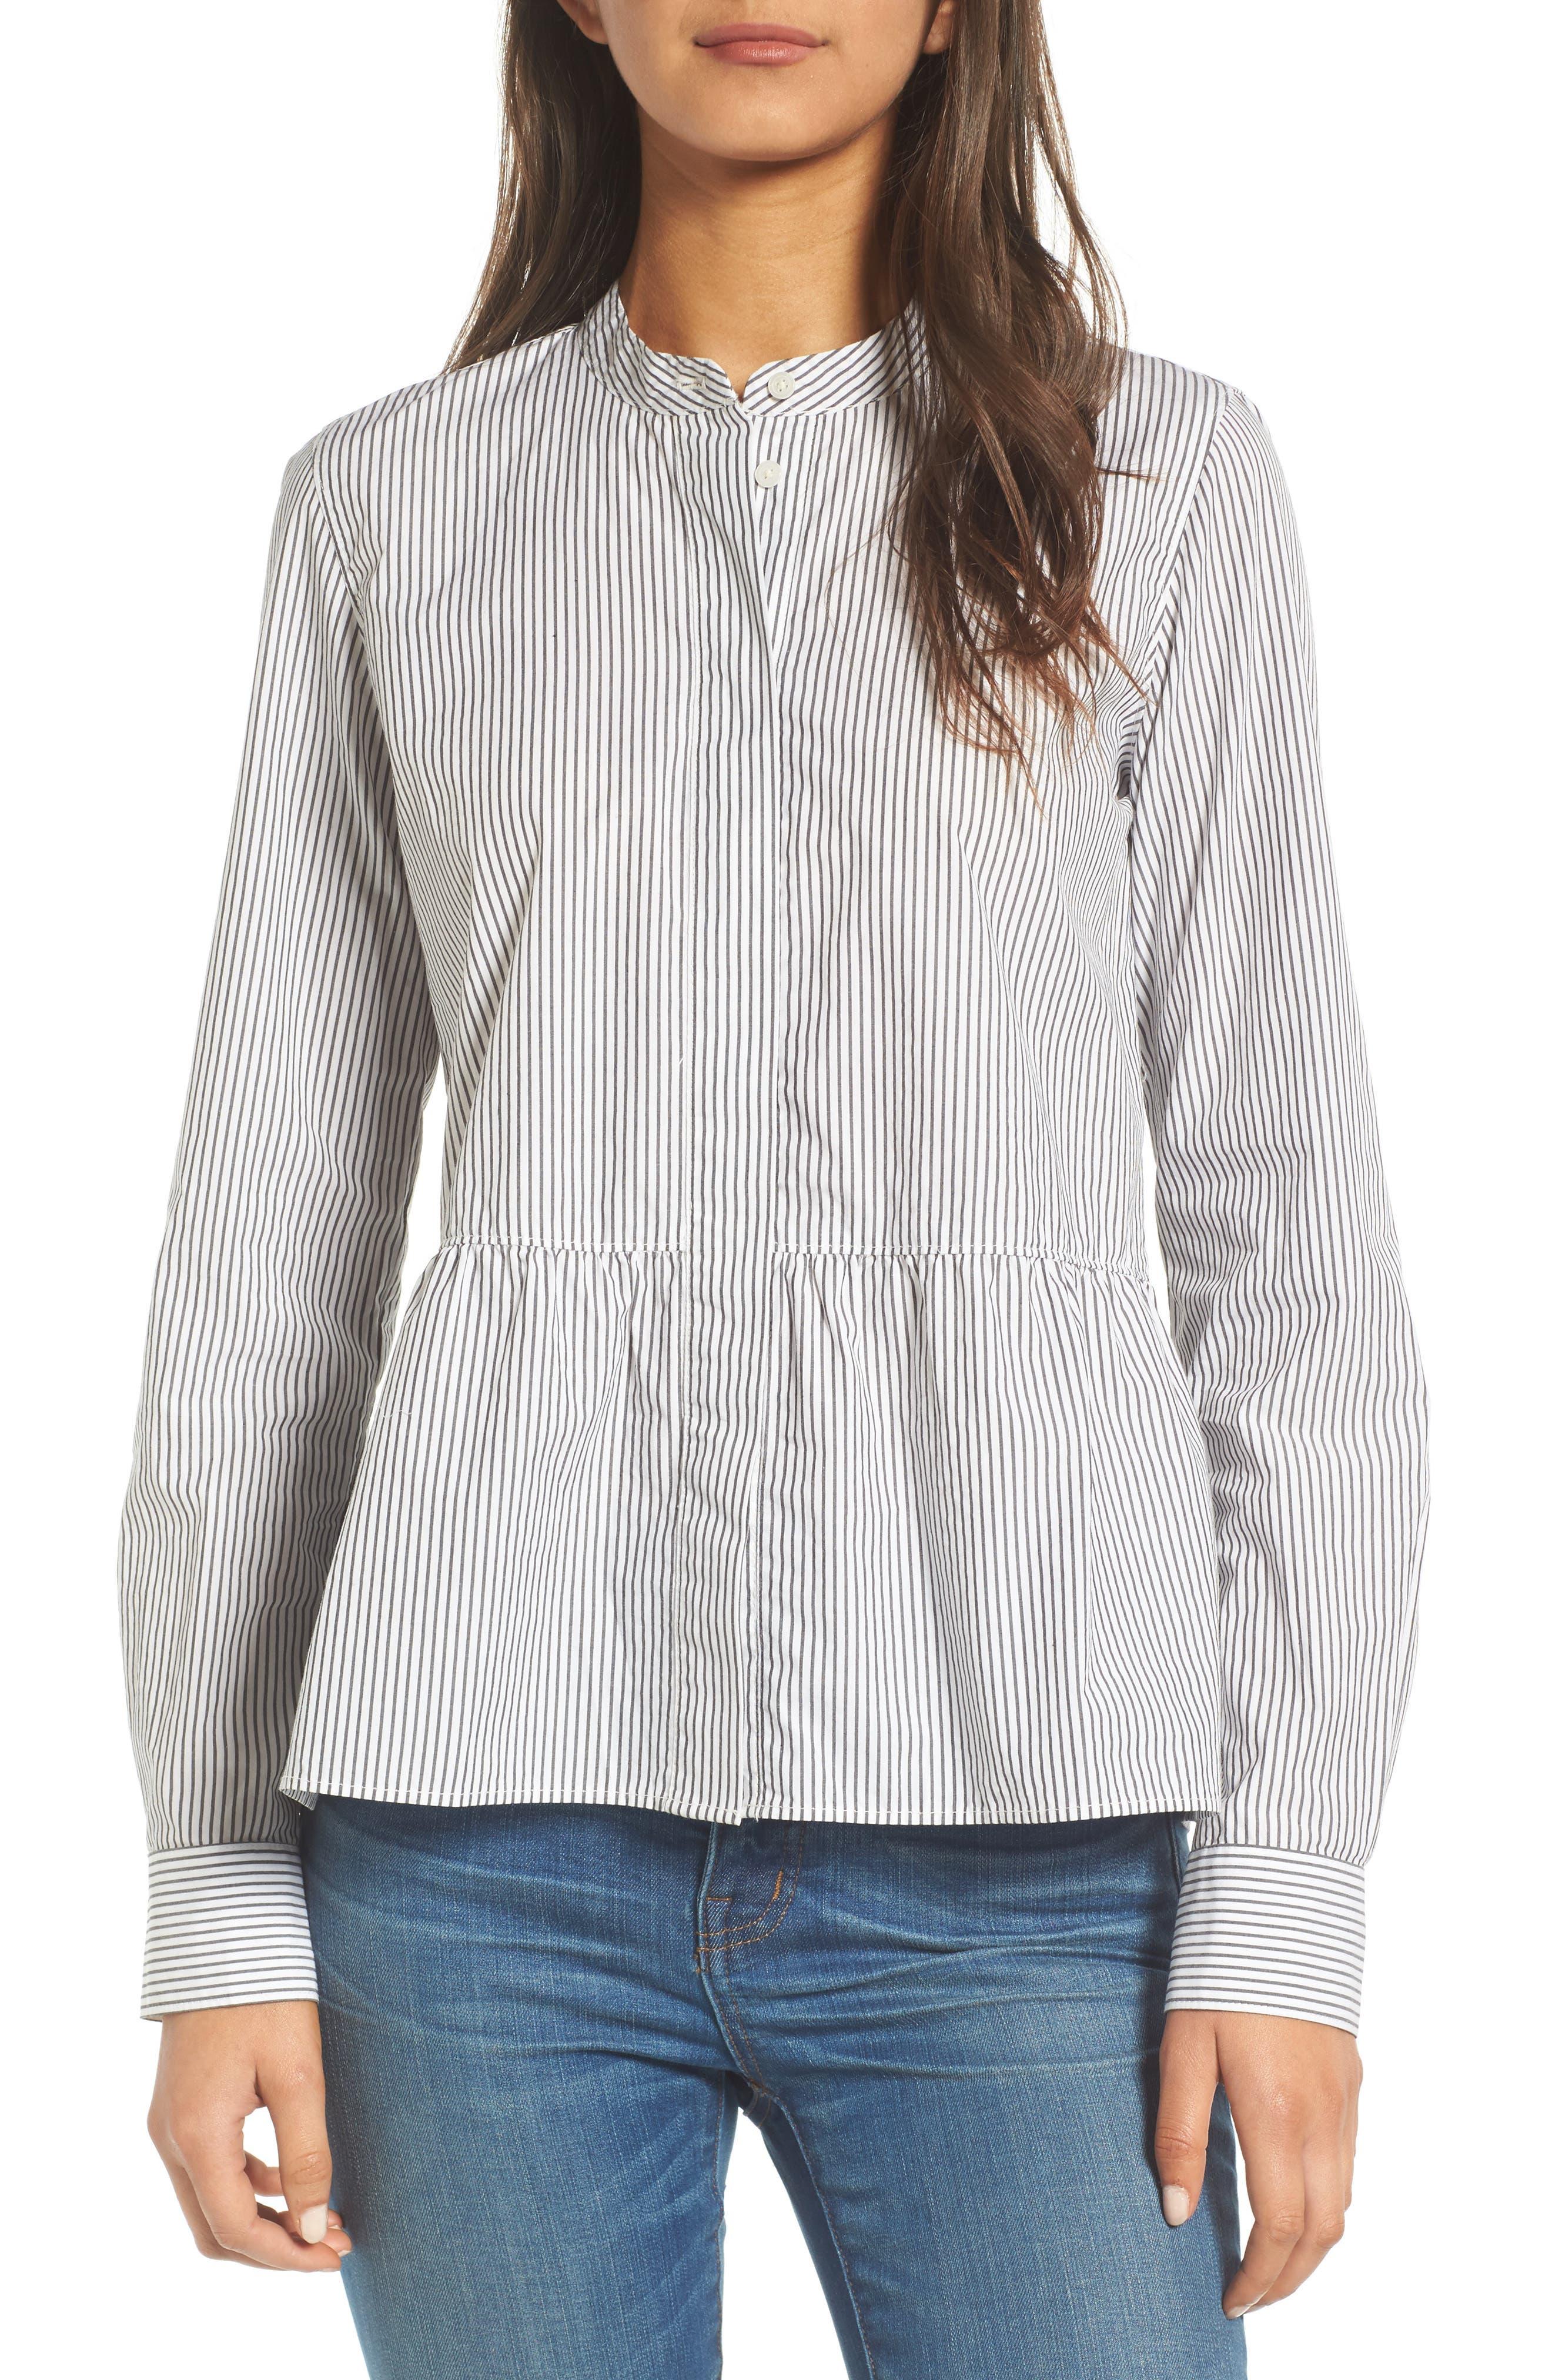 Main Image - Madewell Peplum Shirt